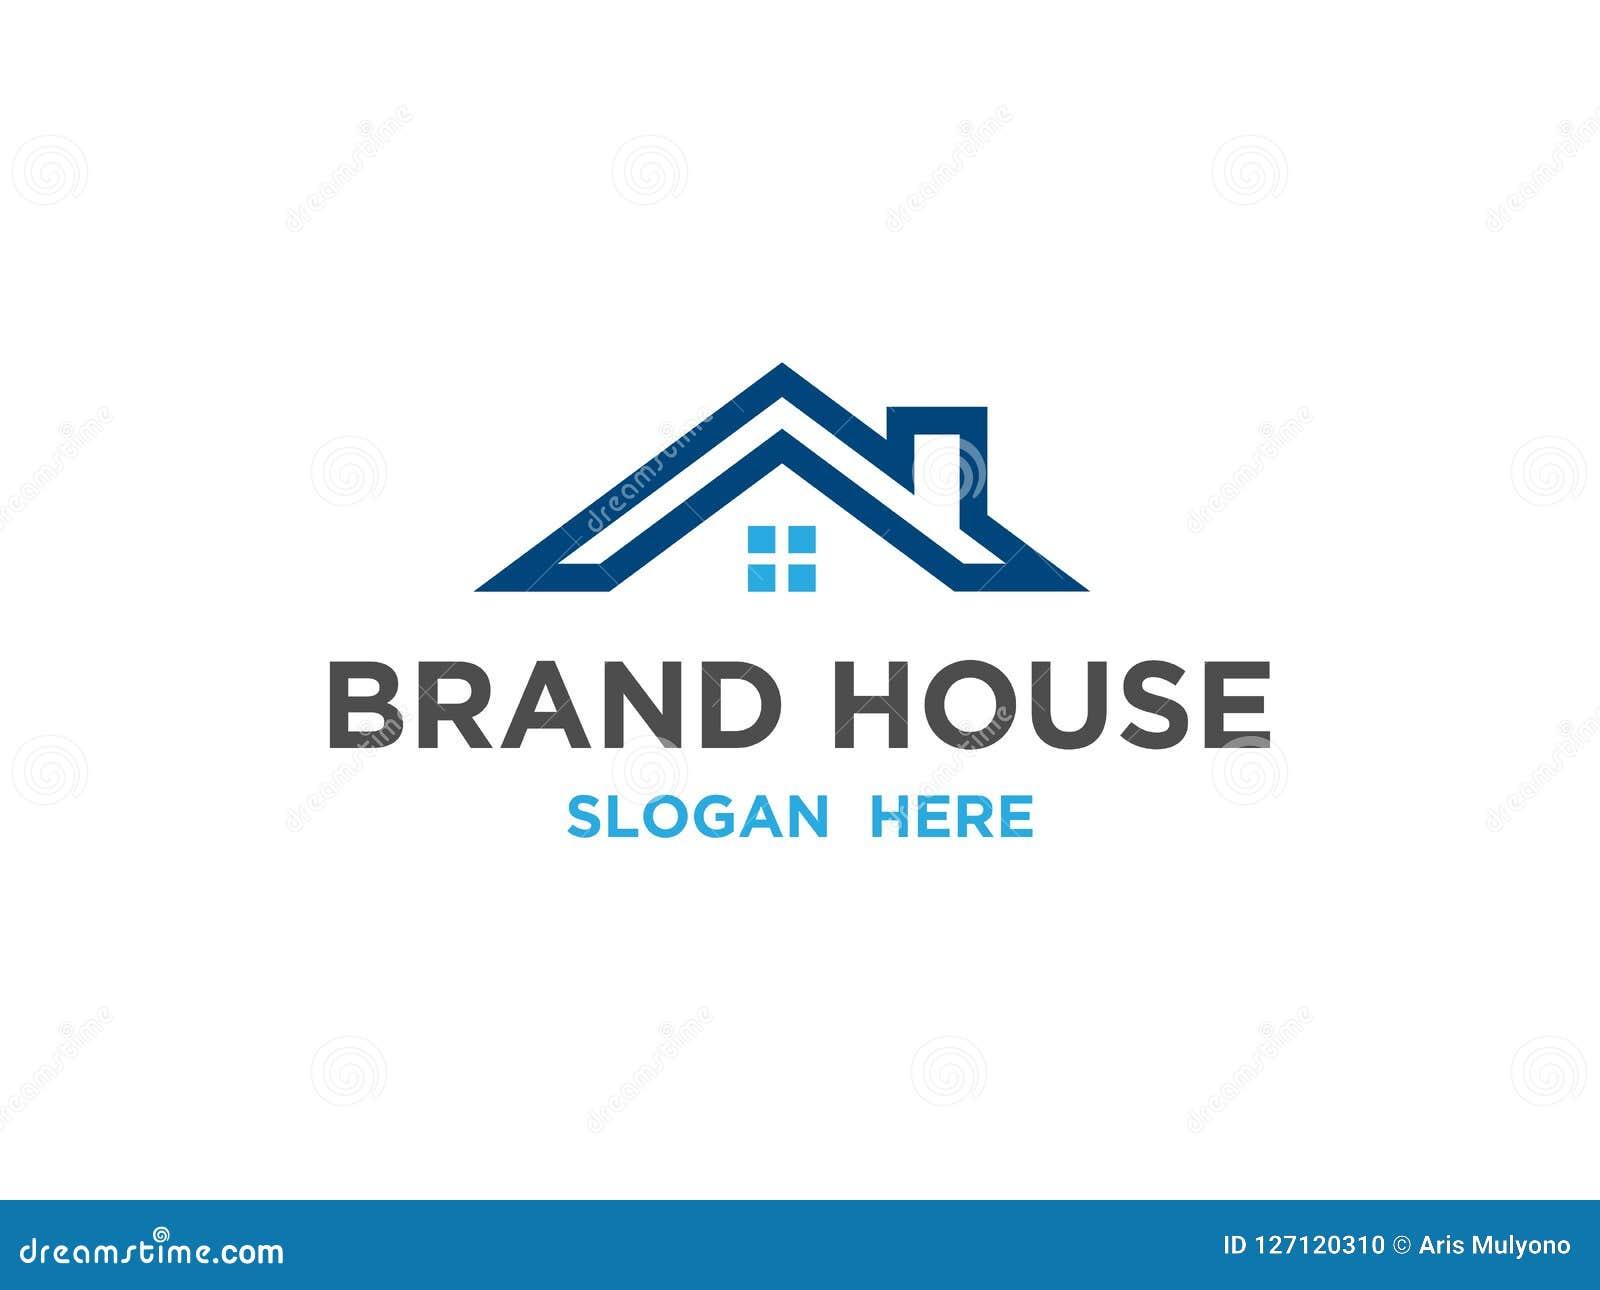 Real Estate Logo Design Inspiration Stock Illustration Illustration Of Creative Estate 127120310,Good Business Card Design